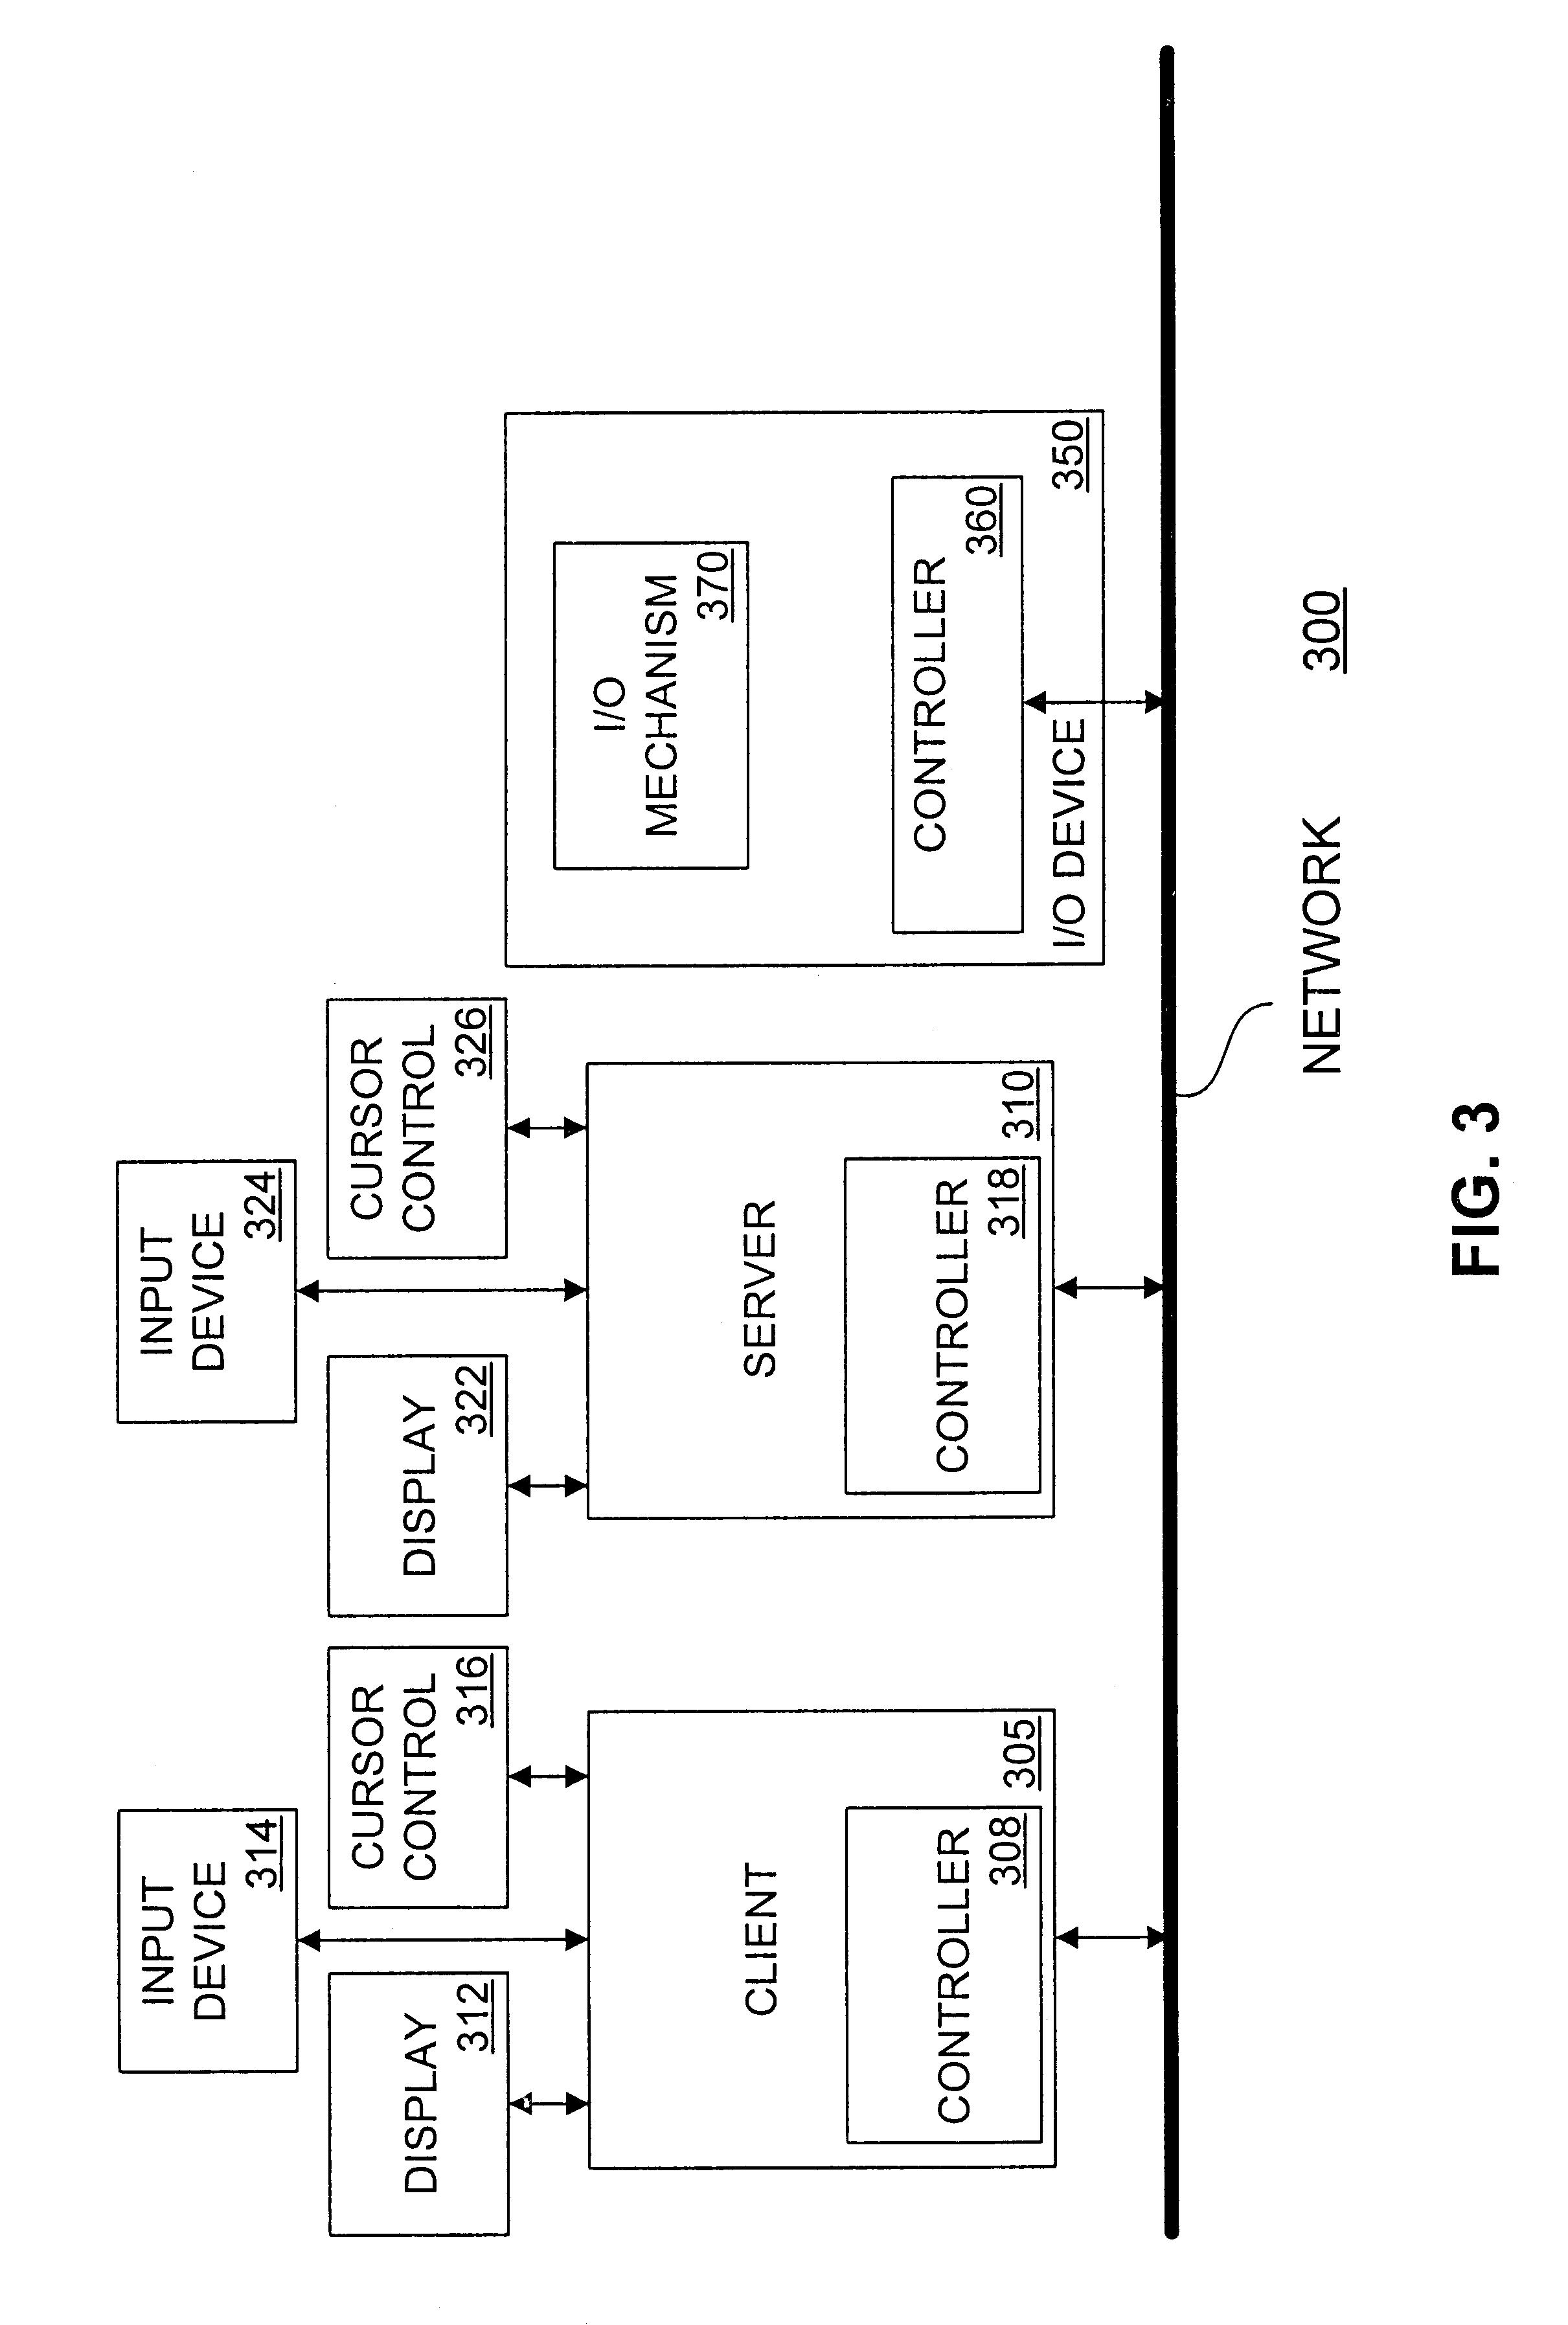 patent us6636891